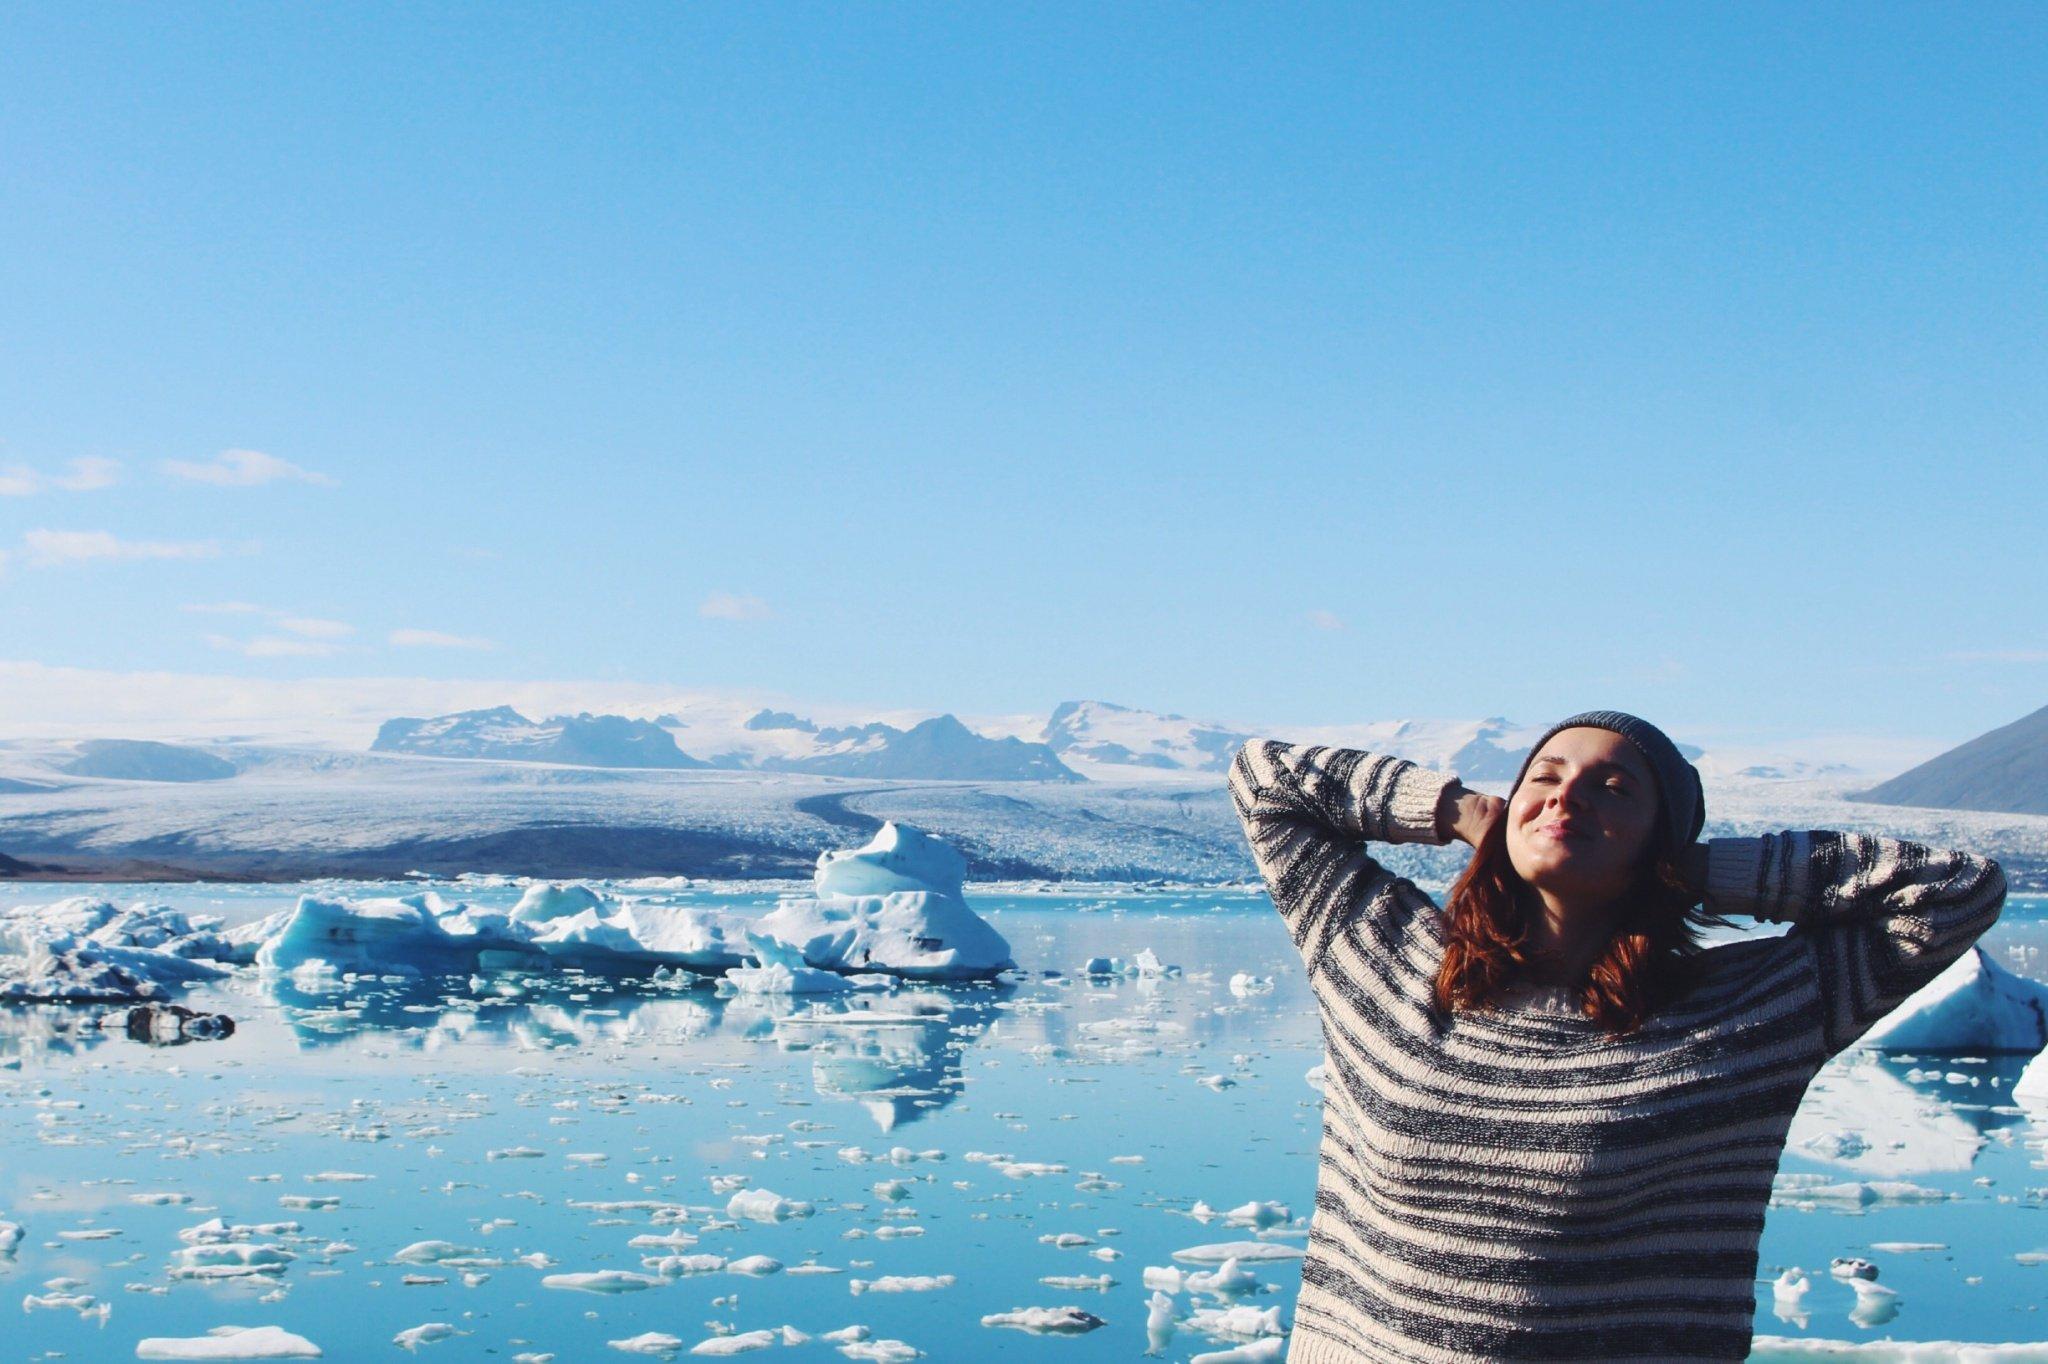 Visiting Jökulsárlón Glacier Lagoon in Iceland